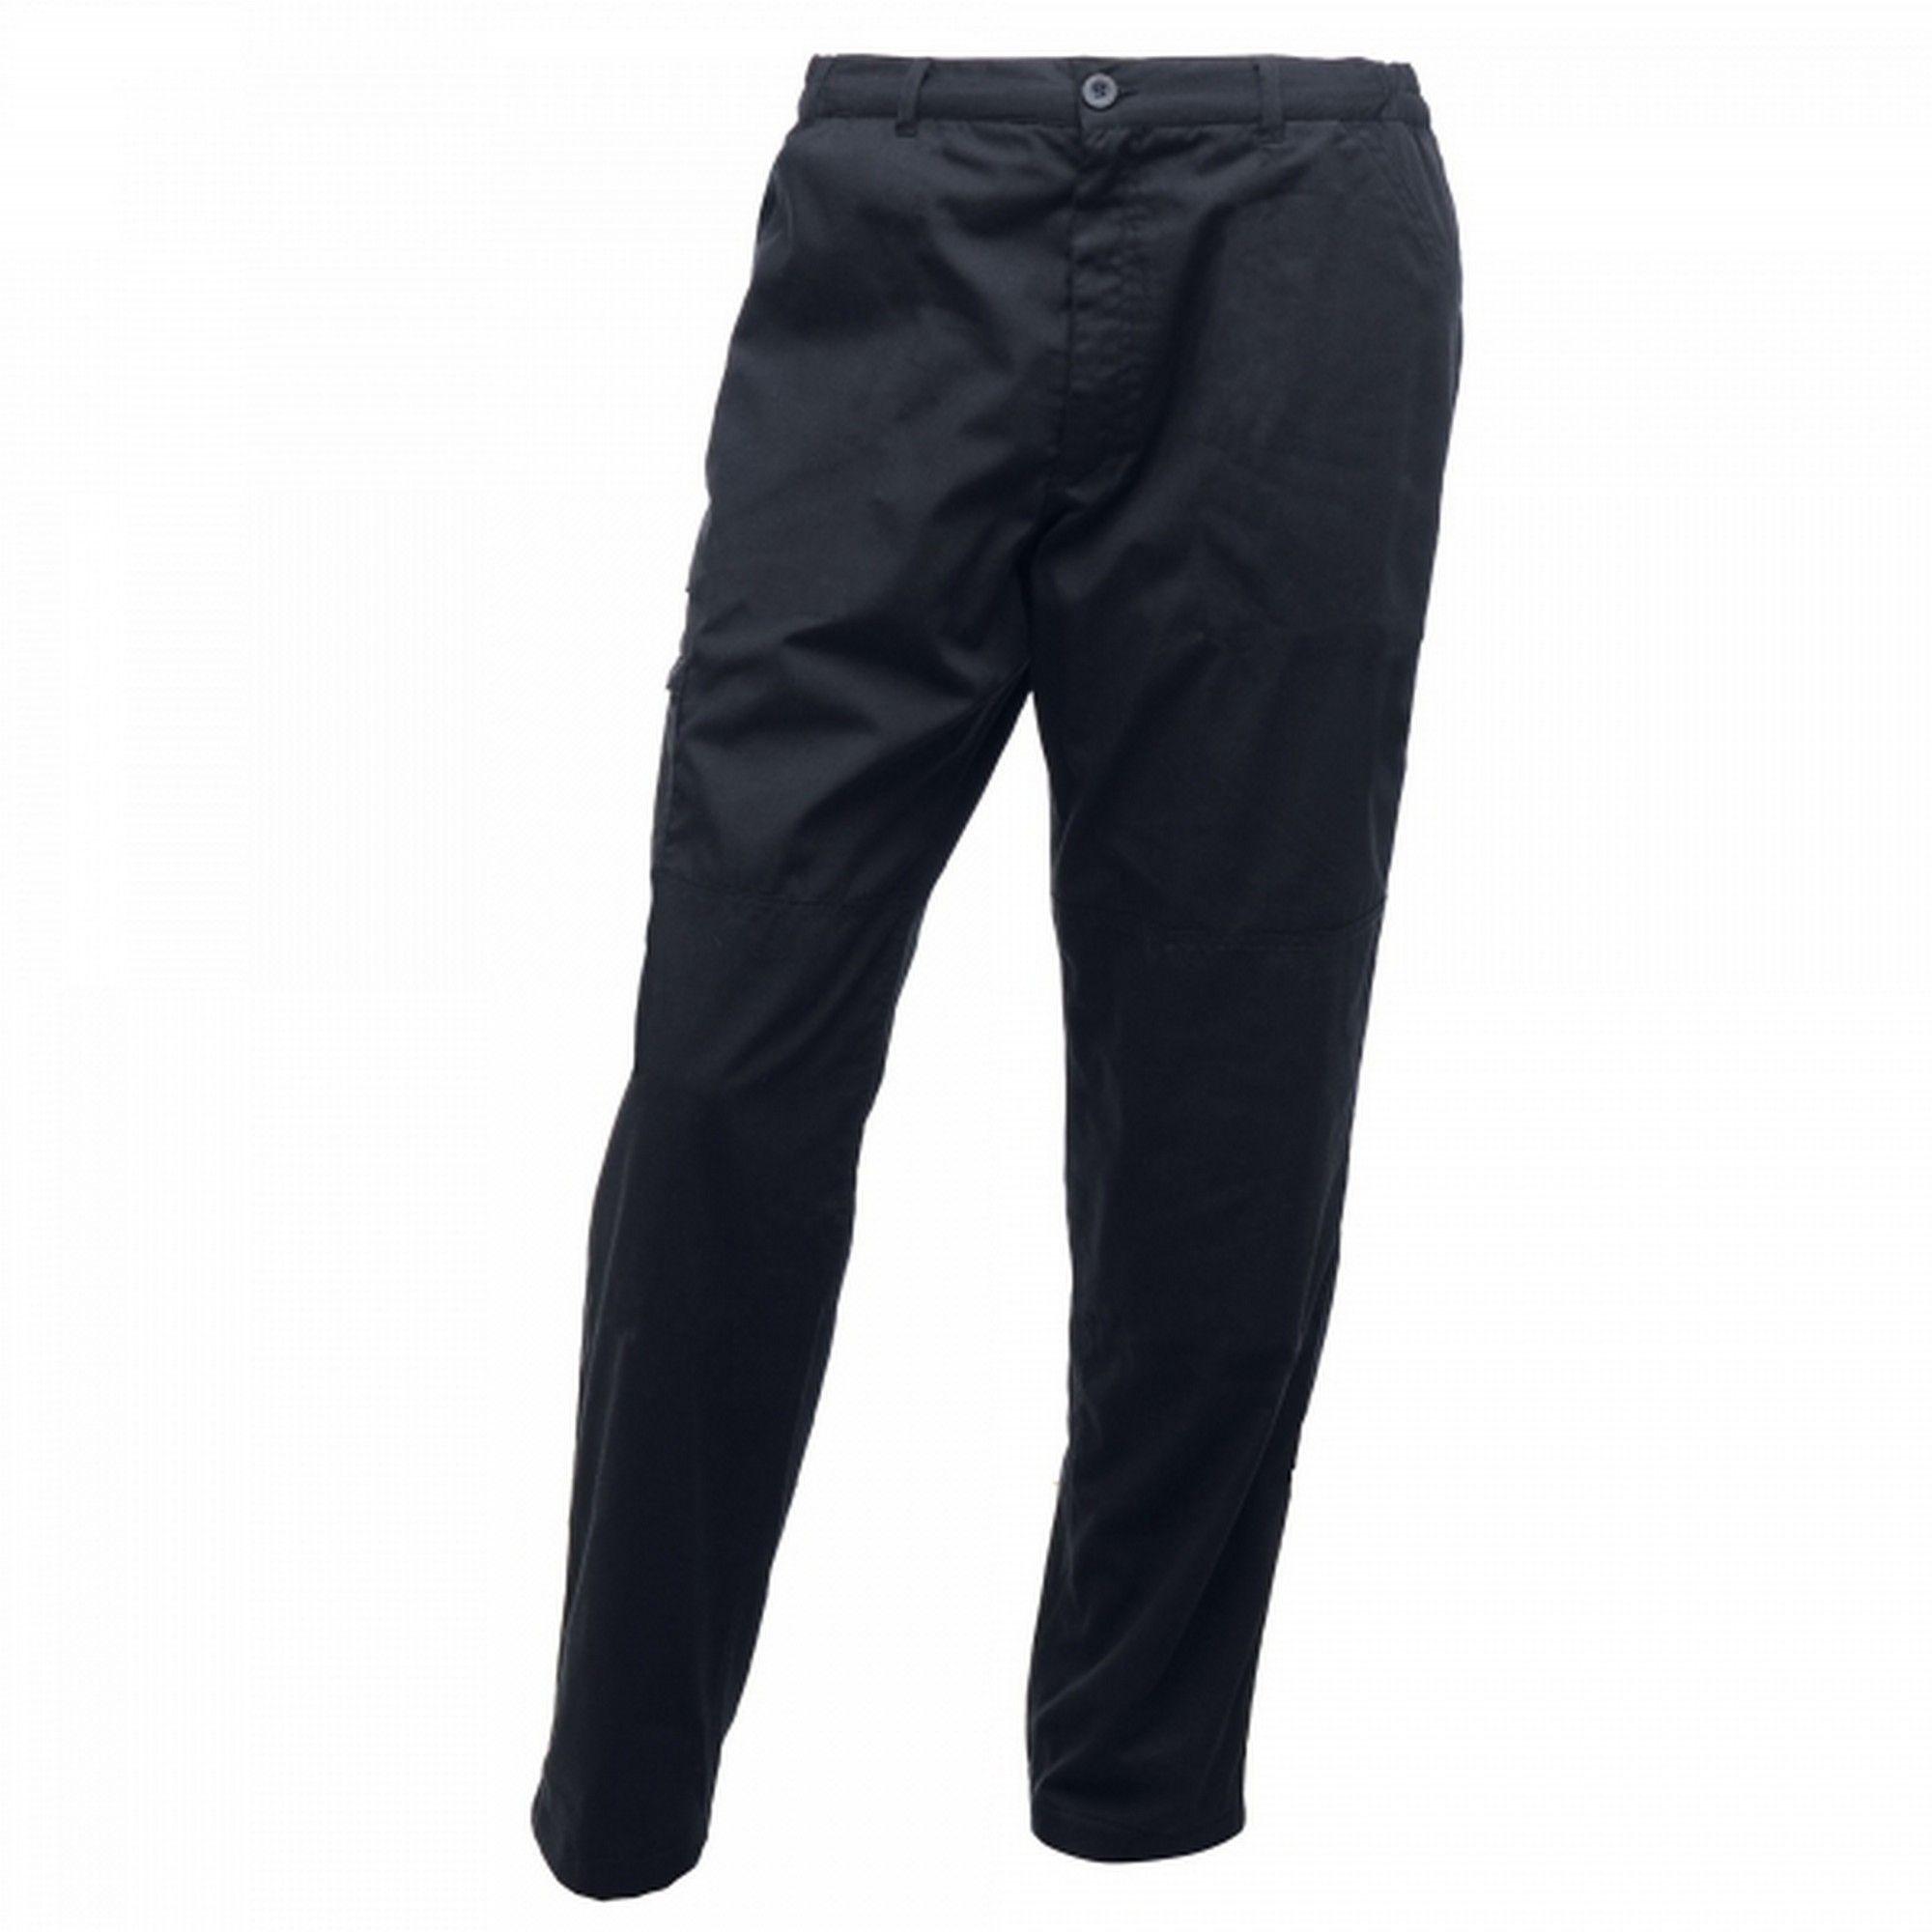 Regatta Mens Pro Cargo Waterproof Trousers - Short